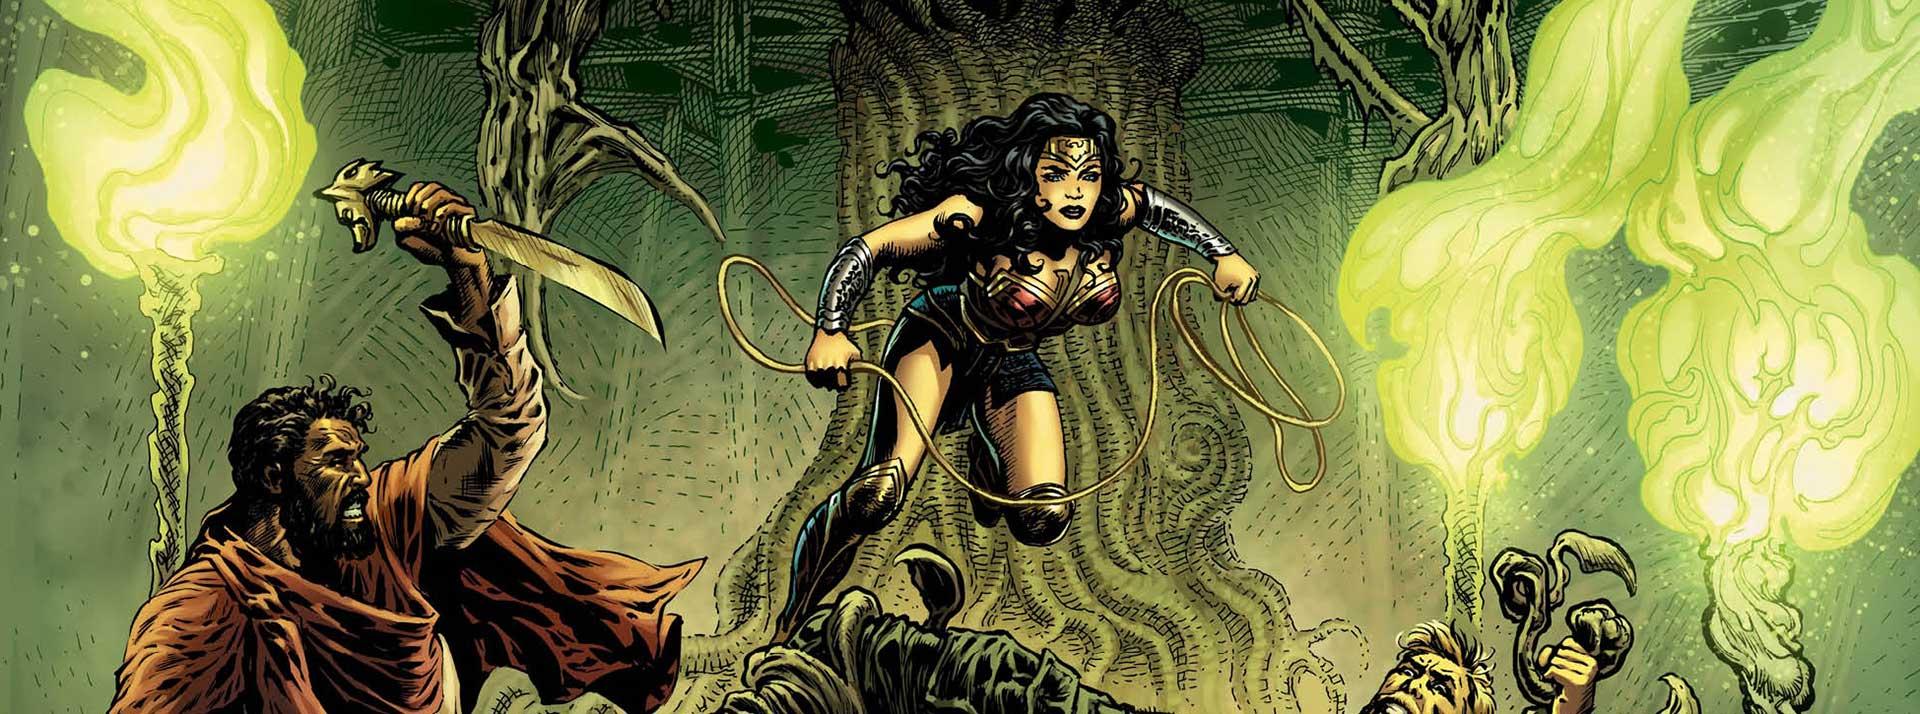 Wonder Woman 7